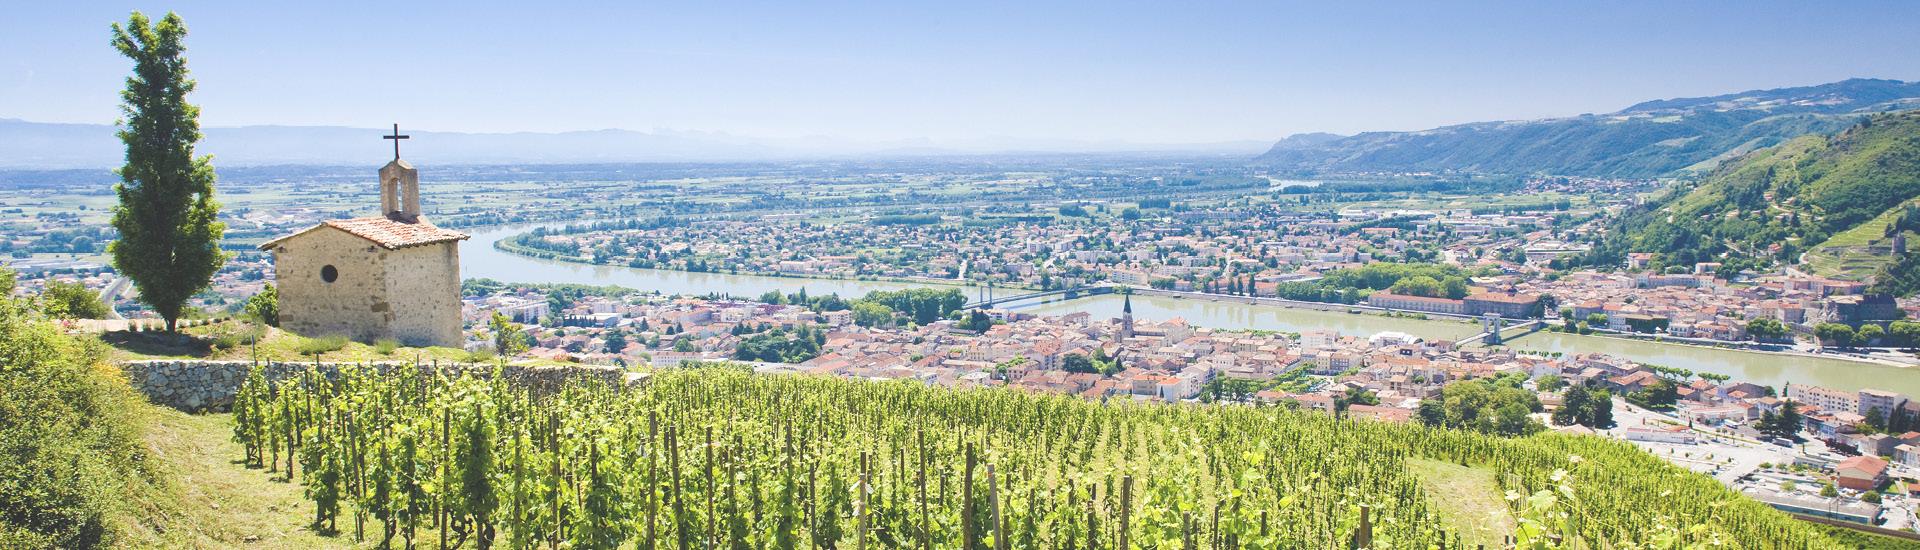 Weine - Weinbaugebiet Rhône - Feinste Weine aus Frankreich 05/2020 - Slider